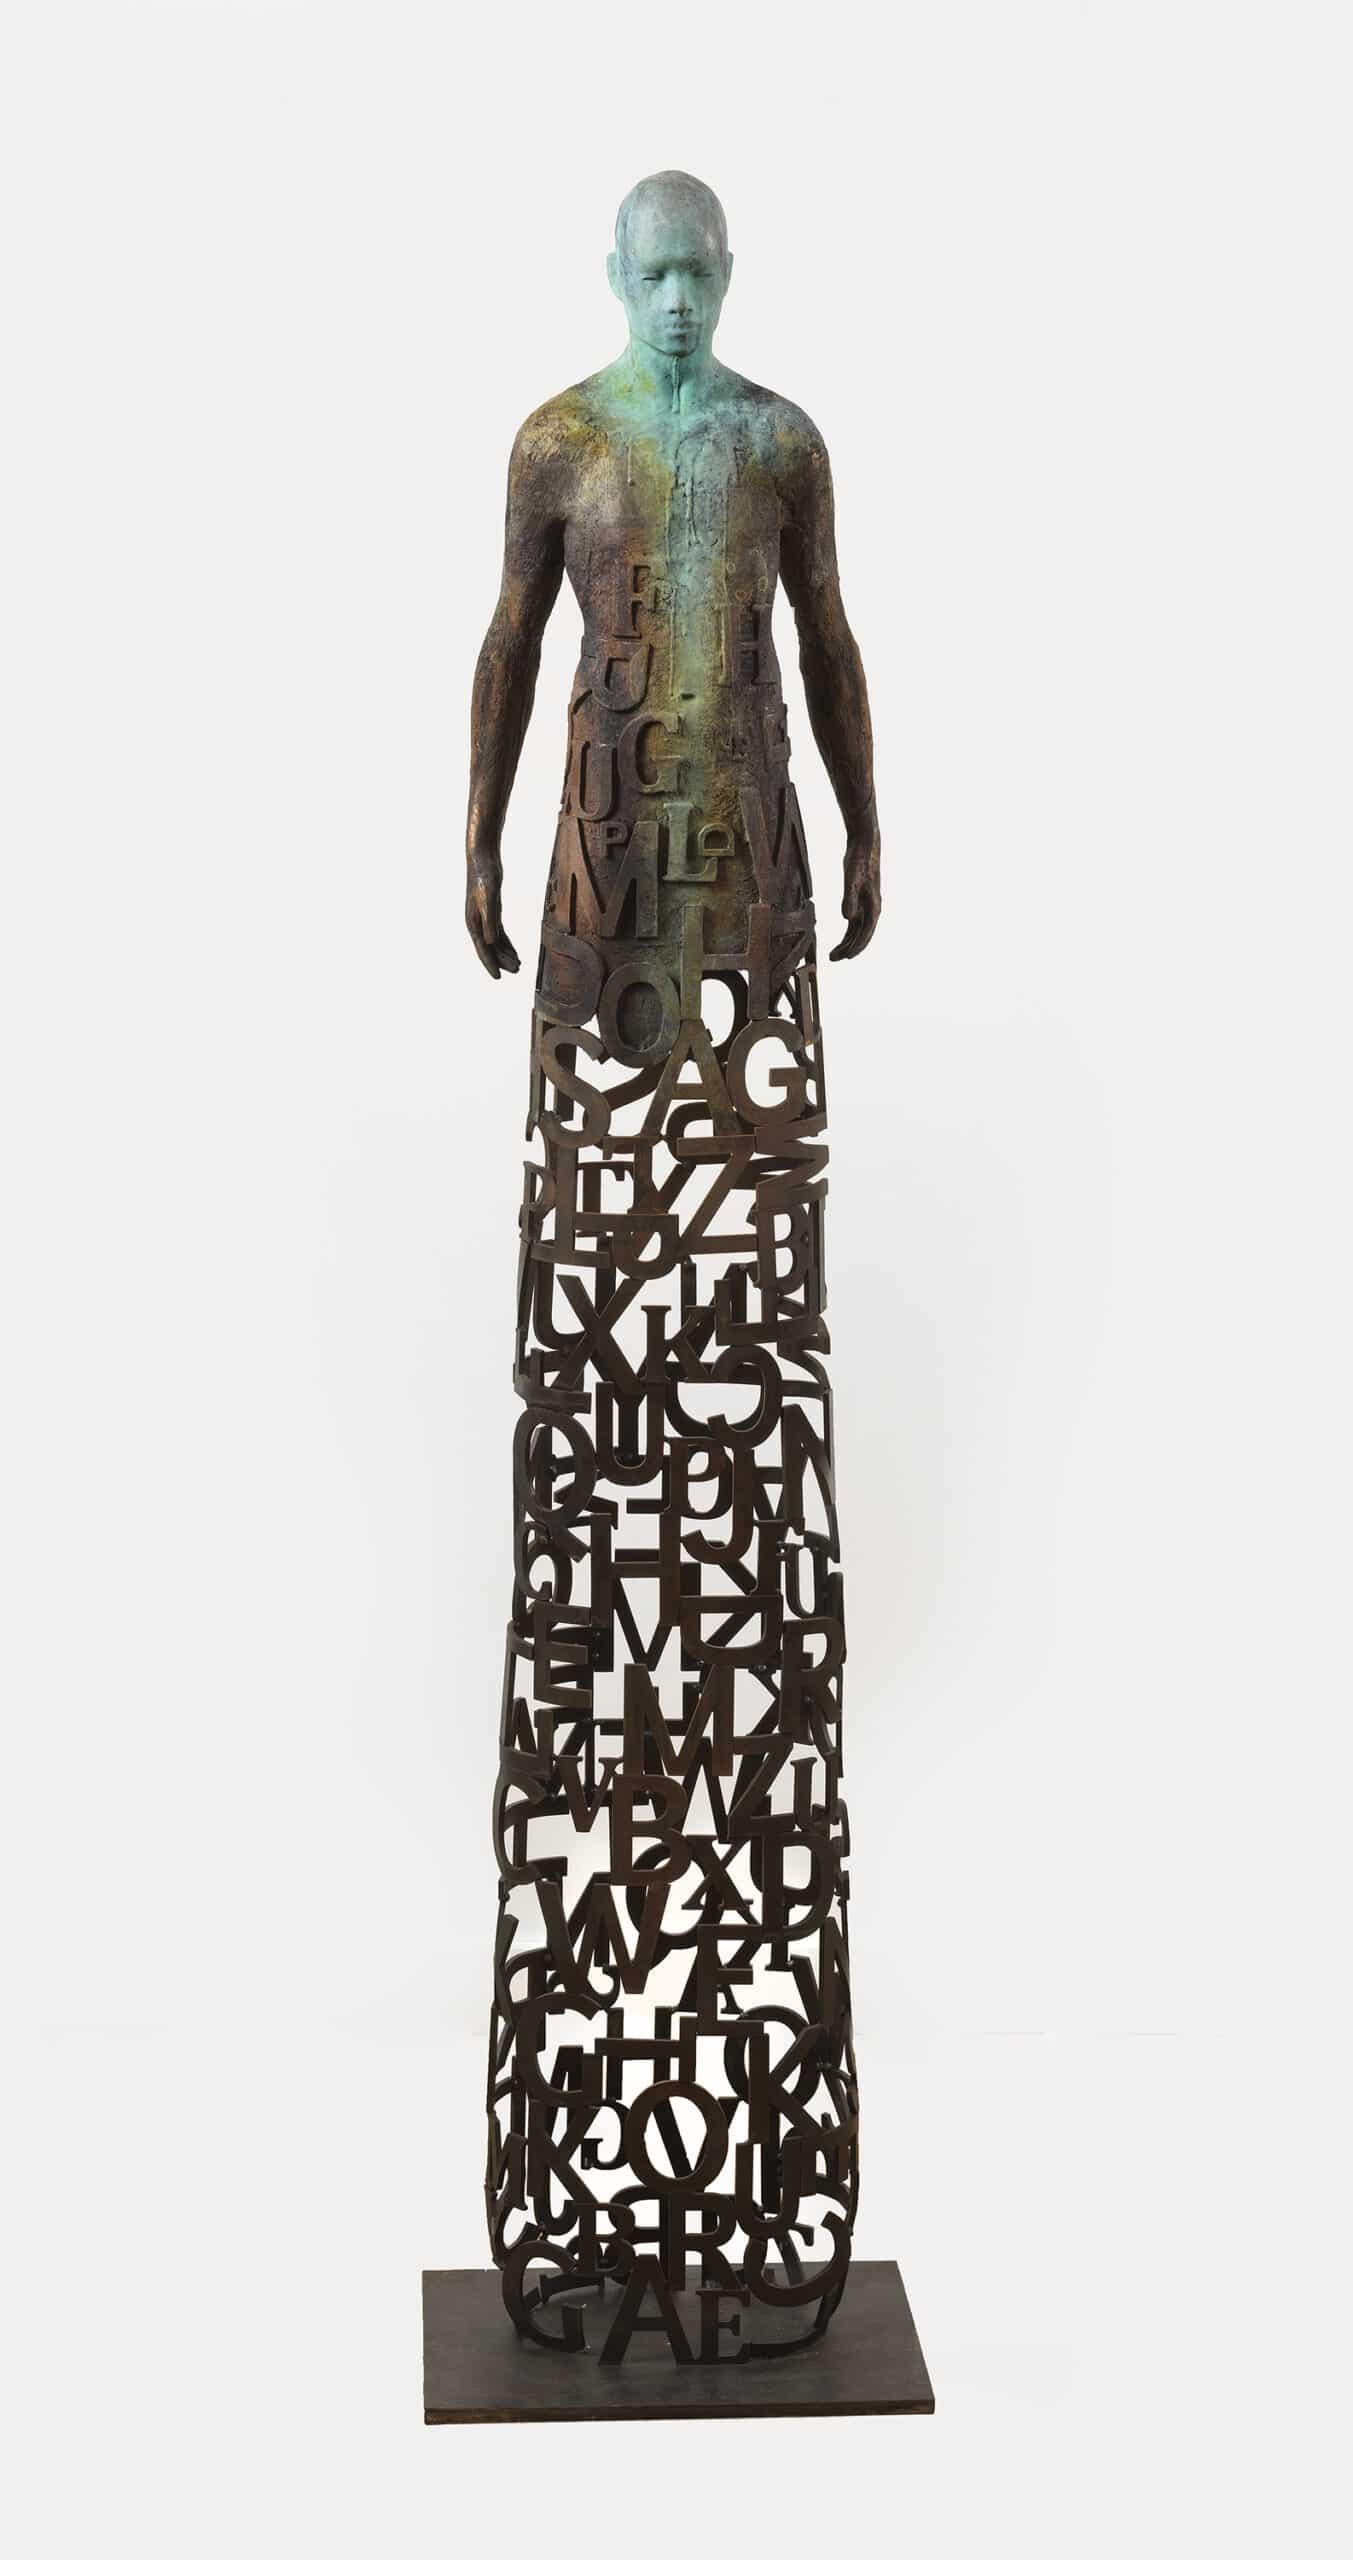 escultura jesus curia tipografia